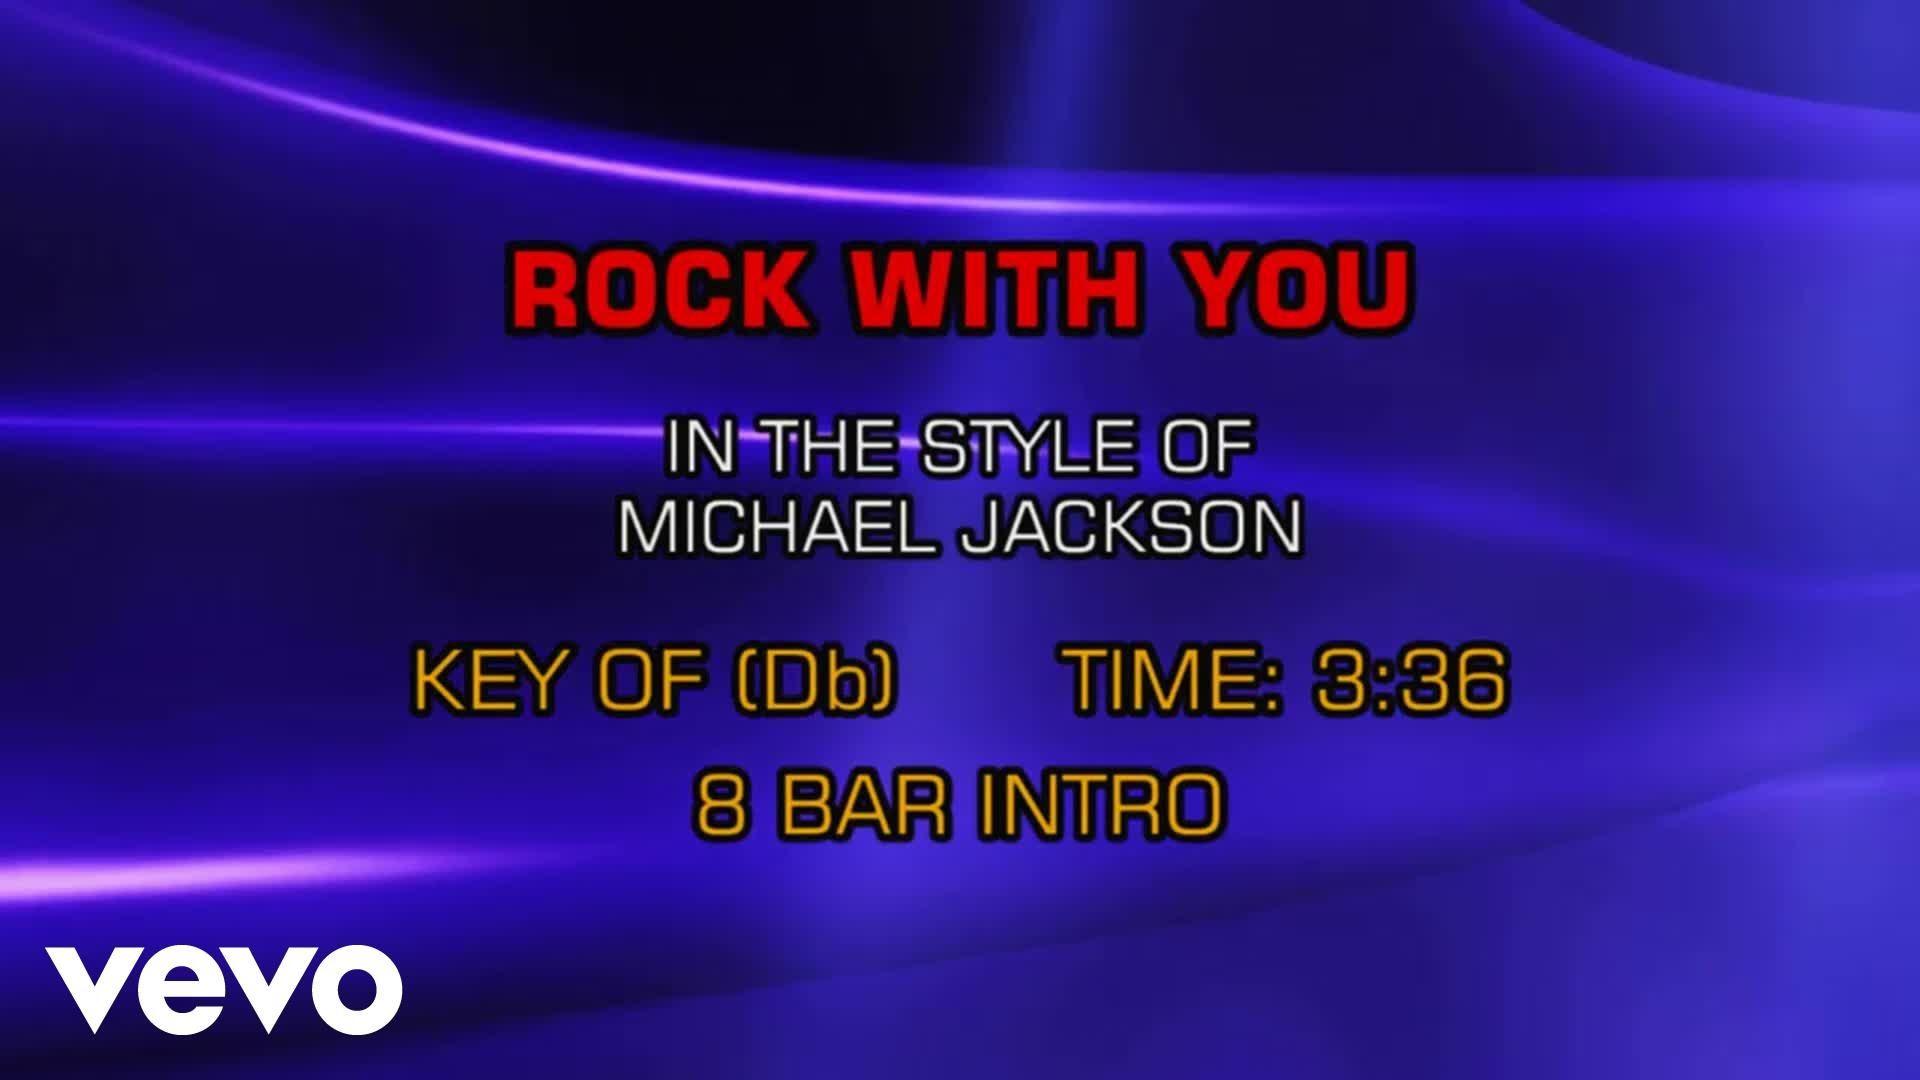 Michael Jackson Rock With You Karaoke Karaoke Genie In A